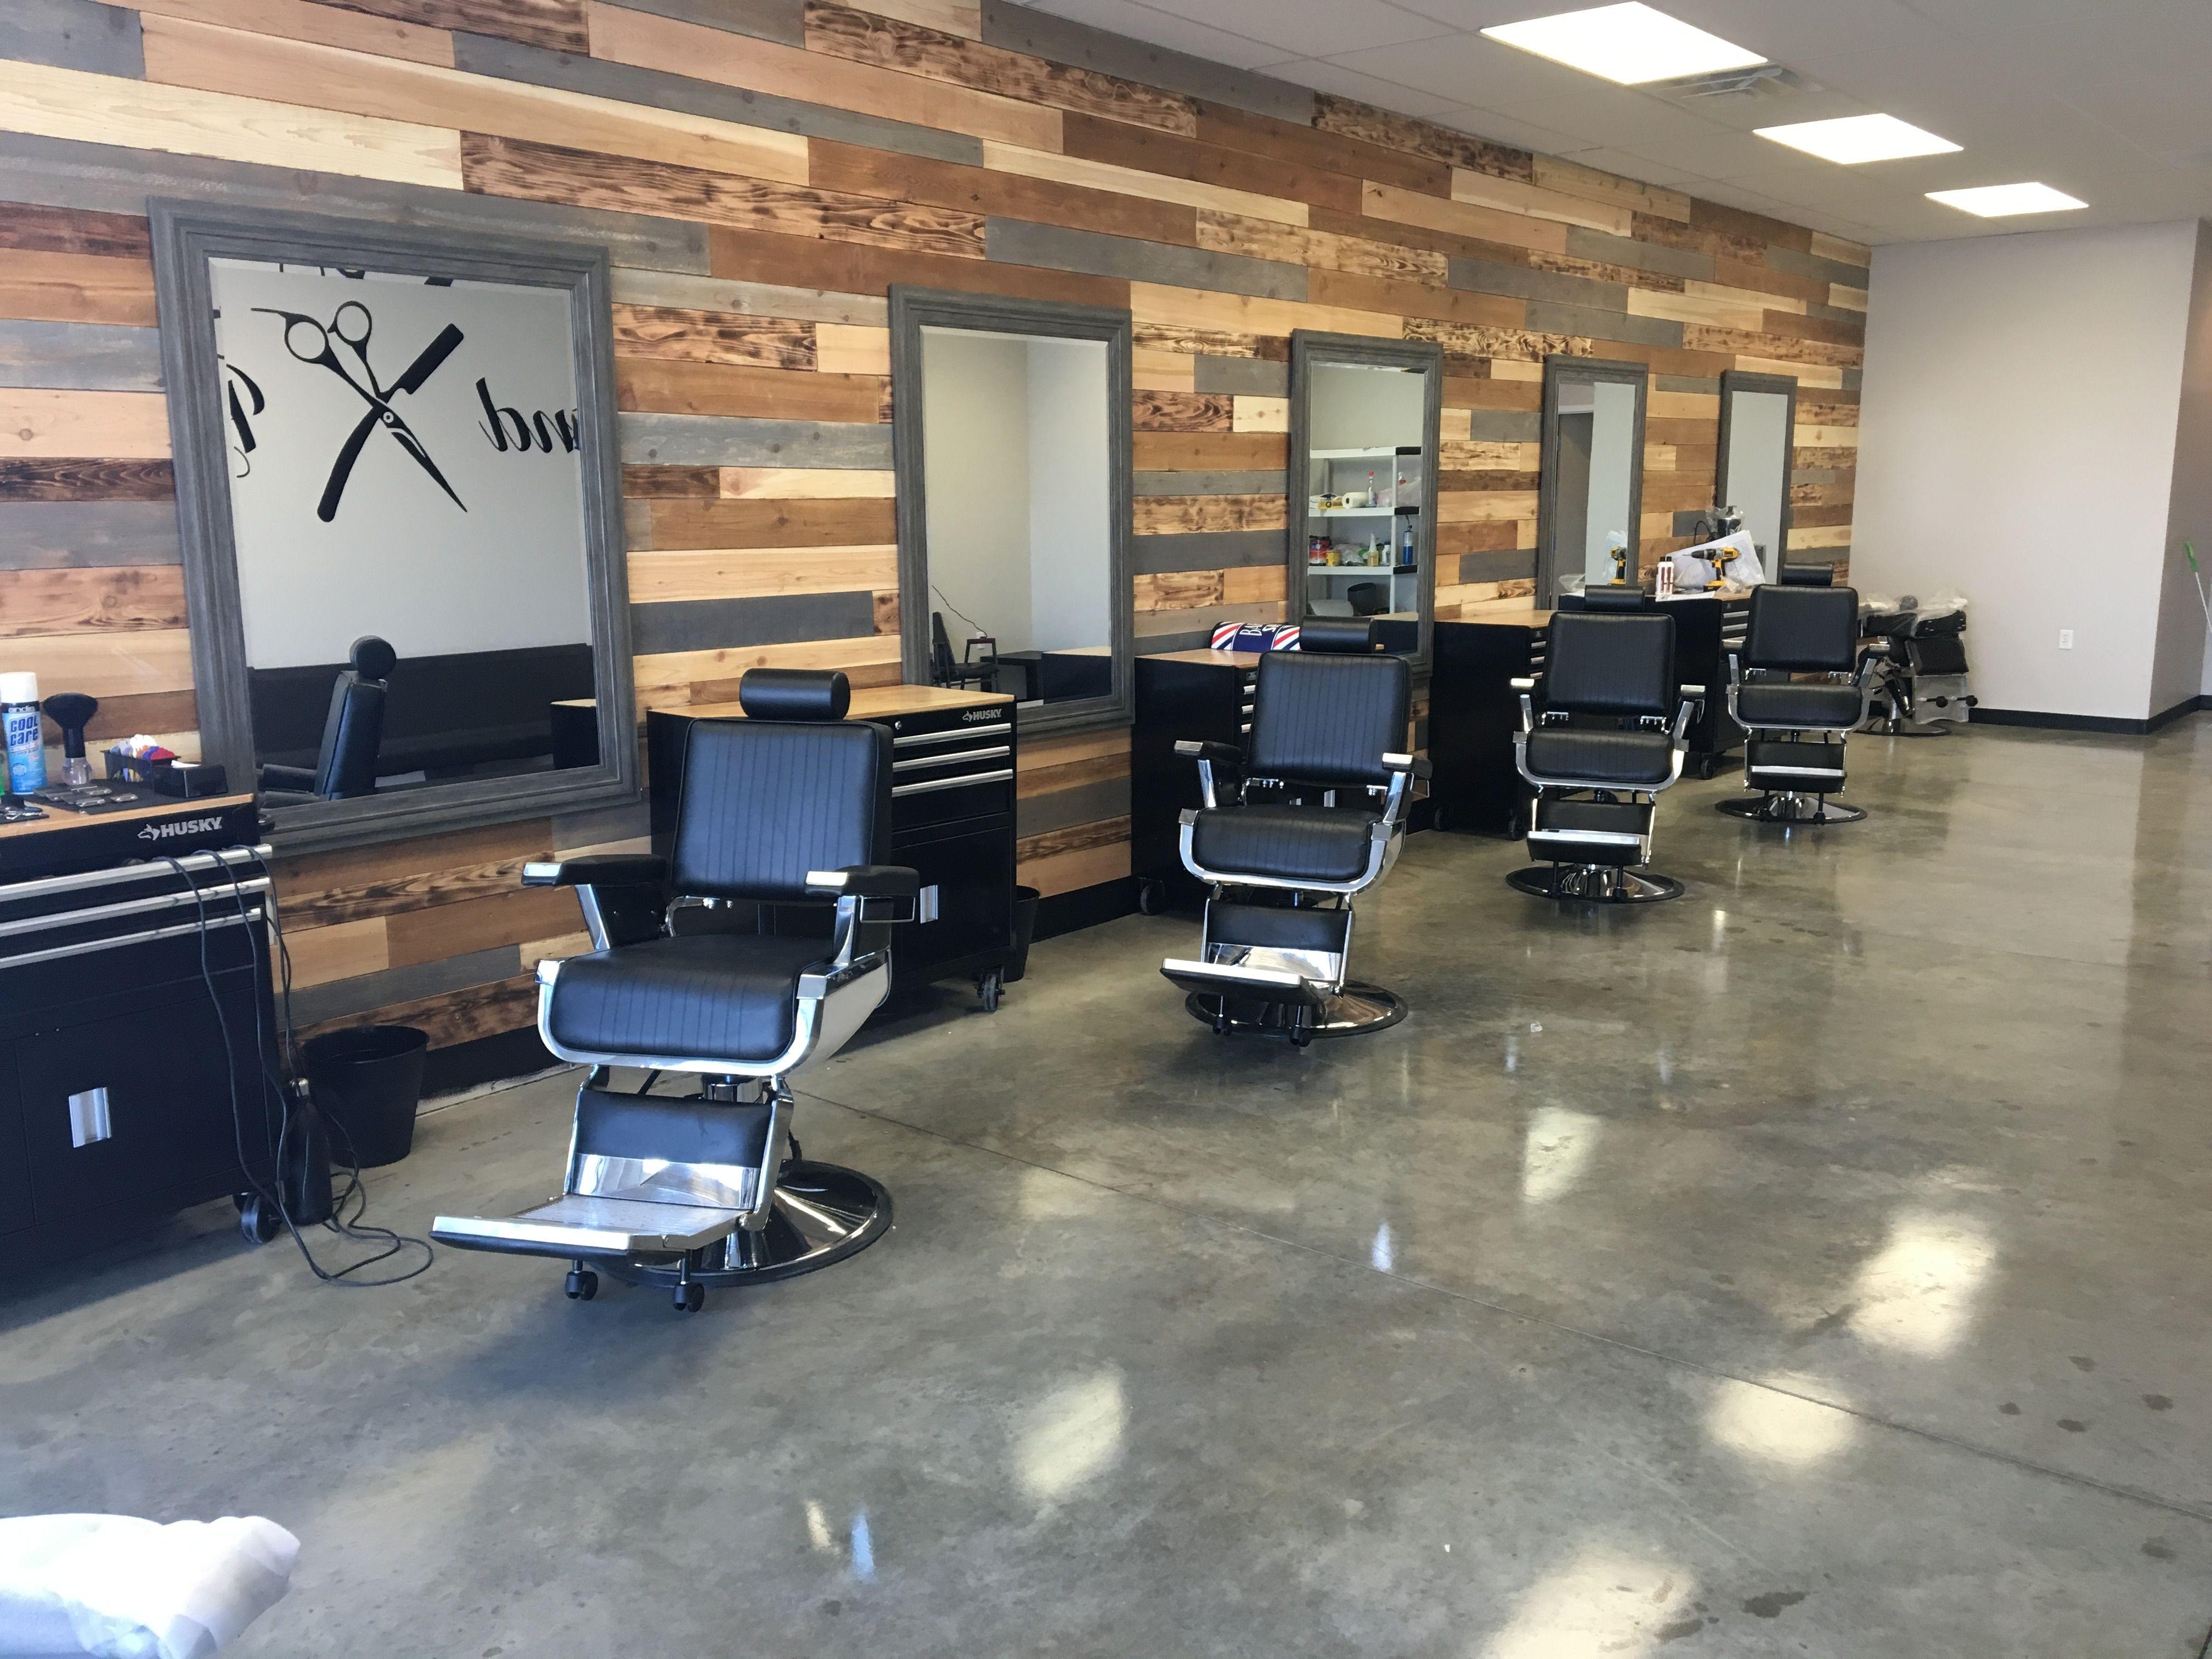 westend barbers in west valley city utah barbershop designbarbershop ideasbarber - Barbershop Design Ideas